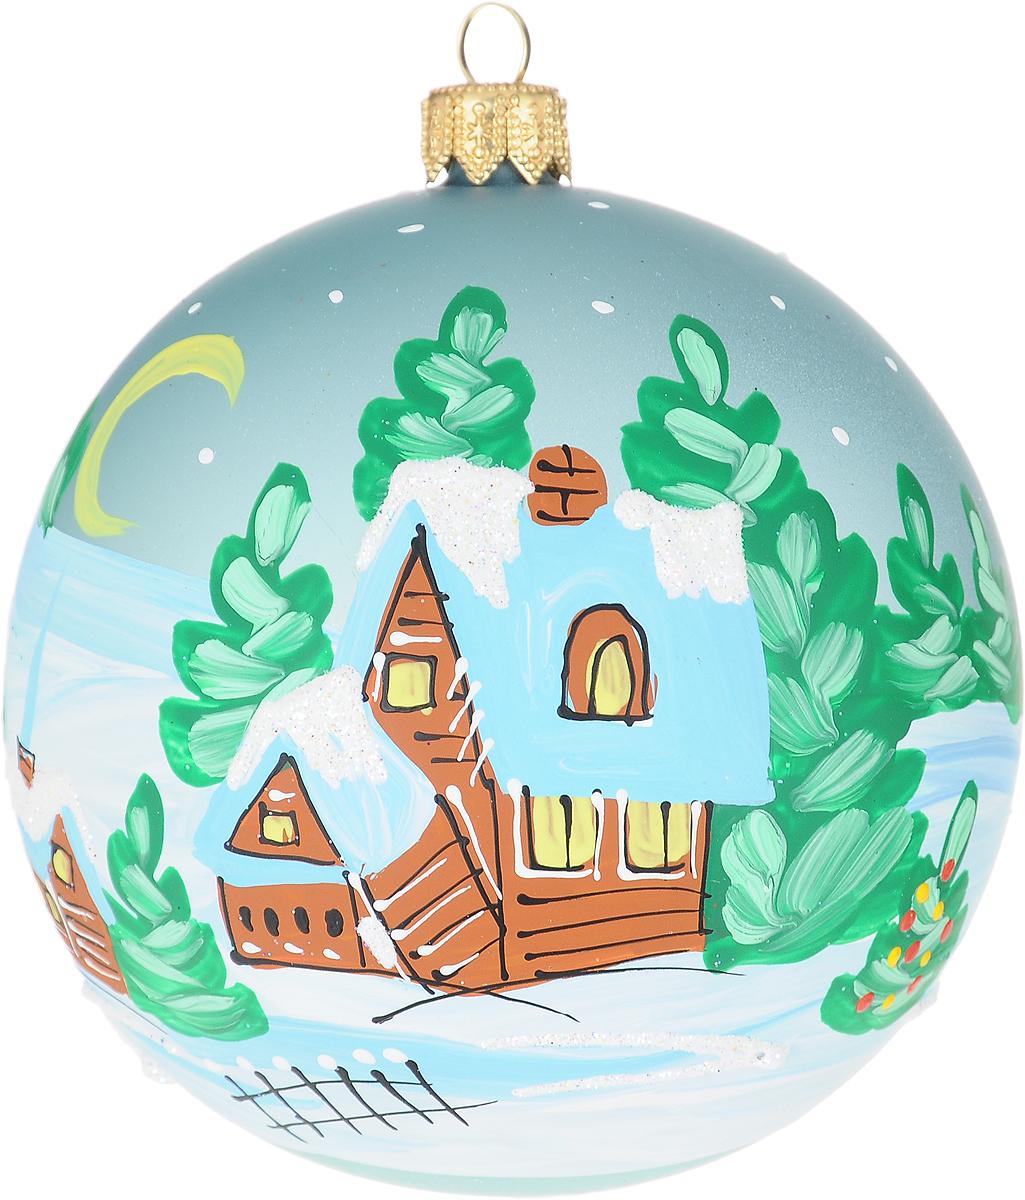 Украшение новогоднее елочное Иней Горный аул, цвет: светло-голубой, диаметр 10 см1519287_светло-голубойНовогоднее подвесное украшение Иней отлично подойдет для декорации вашего дома и новогодней ели. Новогоднее украшение можно повесить в любом понравившемся вам месте. Но, конечно, удачнее всего оно будет смотреться на праздничной елке.Елочная игрушка - символ Нового года. Она несет в себе волшебство и красоту праздника. Такое украшение создаст в вашем доме атмосферу праздника, веселья и радости.